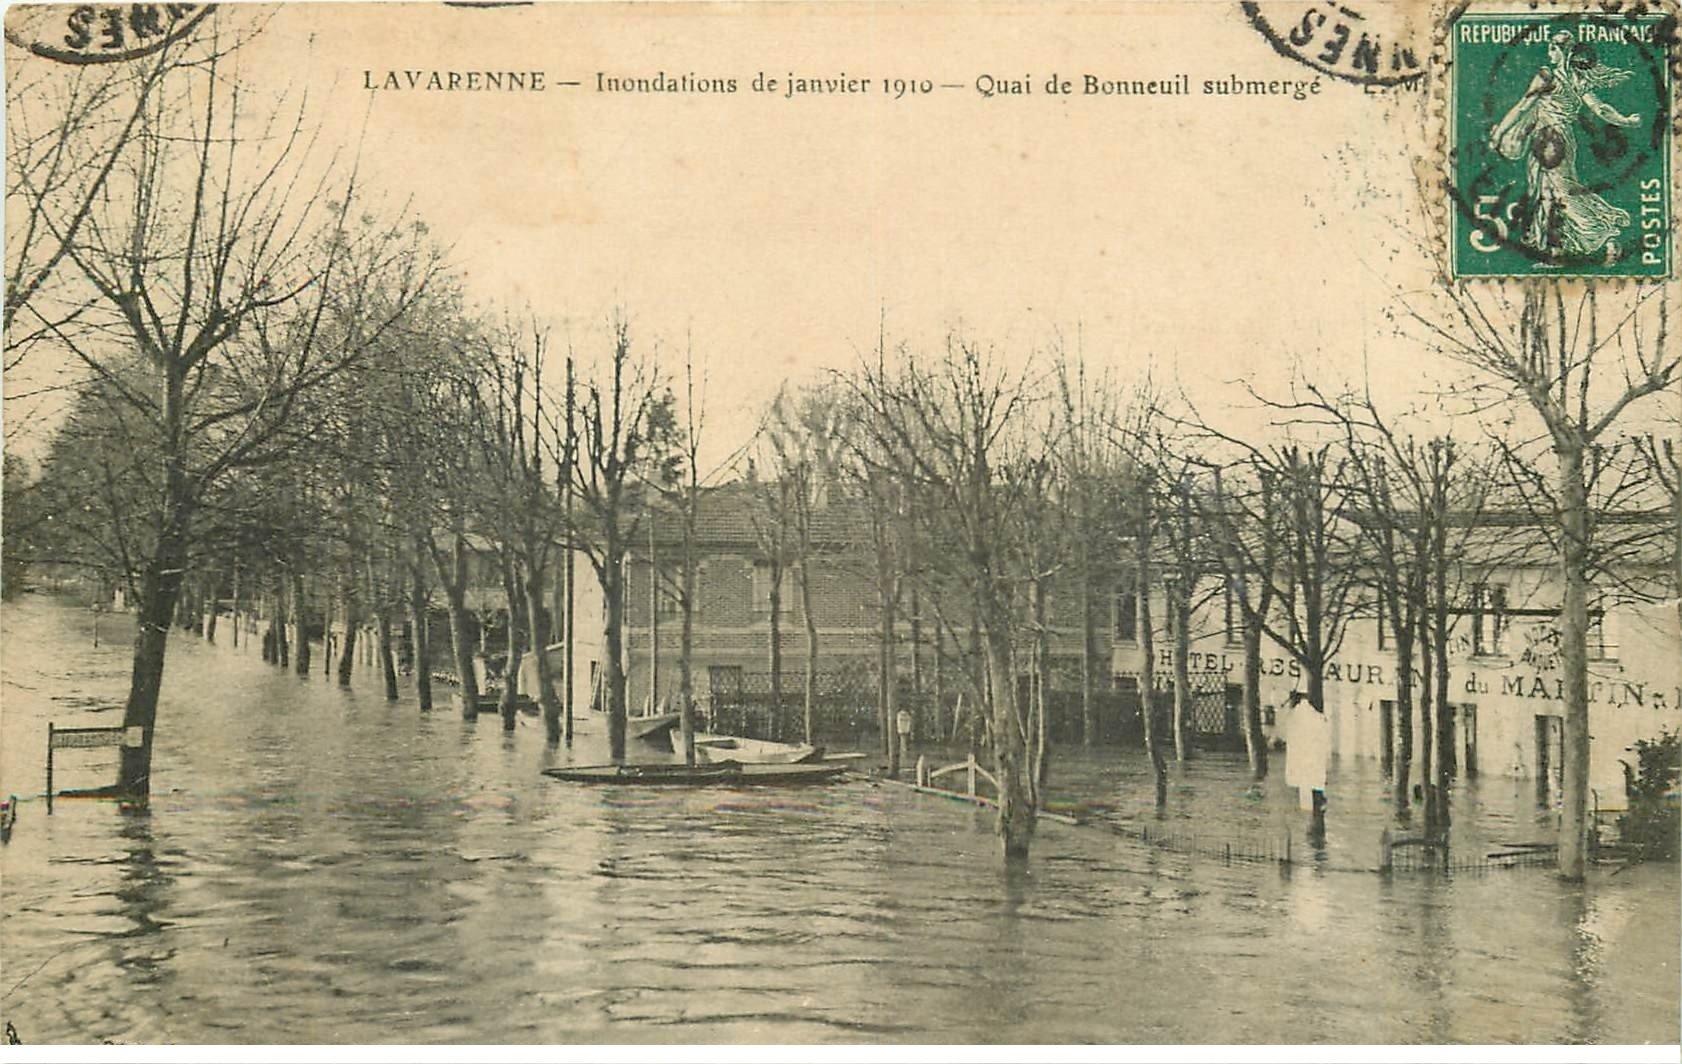 Inondations et Crue de 1910. LA VARENNE 94. Quai de Bonneuil Hôtel Restaurant du Martin Pêcheur